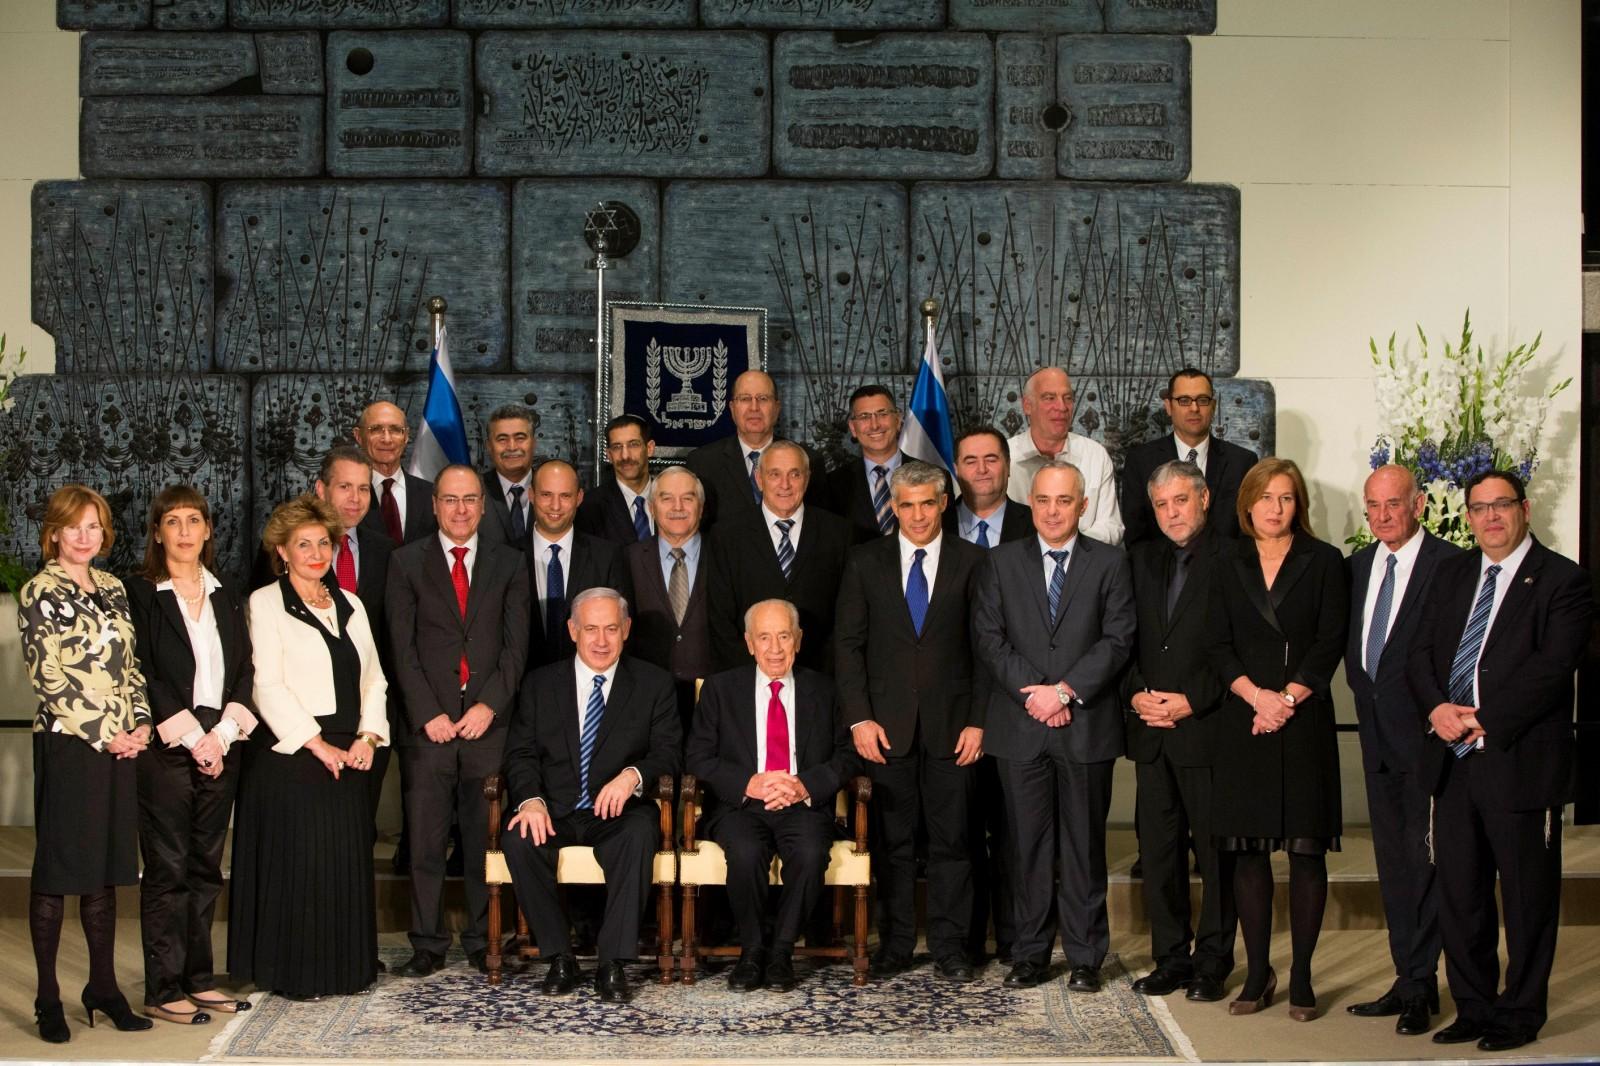 חברי ממשלת ישראל ה-33 (צילום: יונתן זינדל)